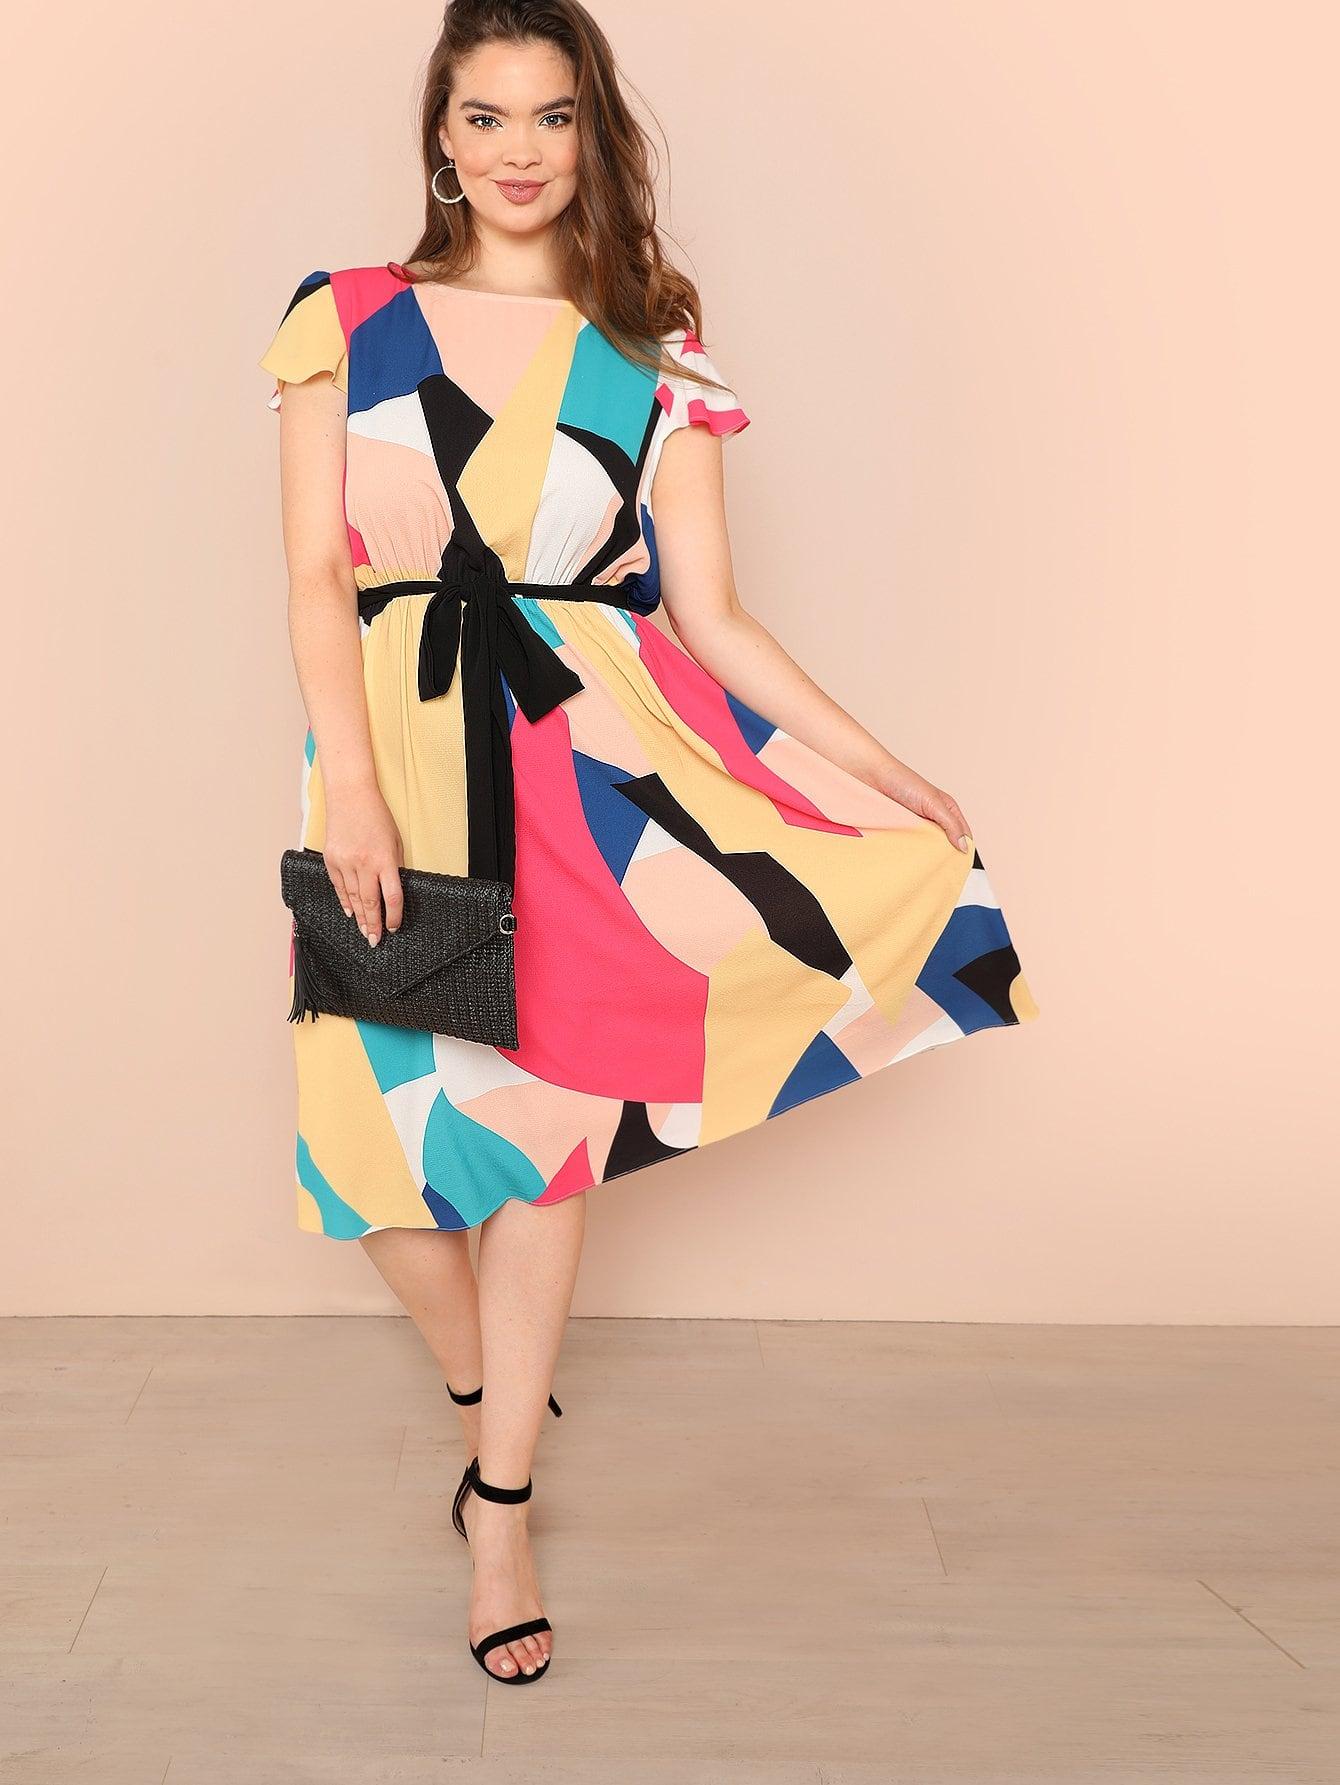 Color plus fashions ltd 85